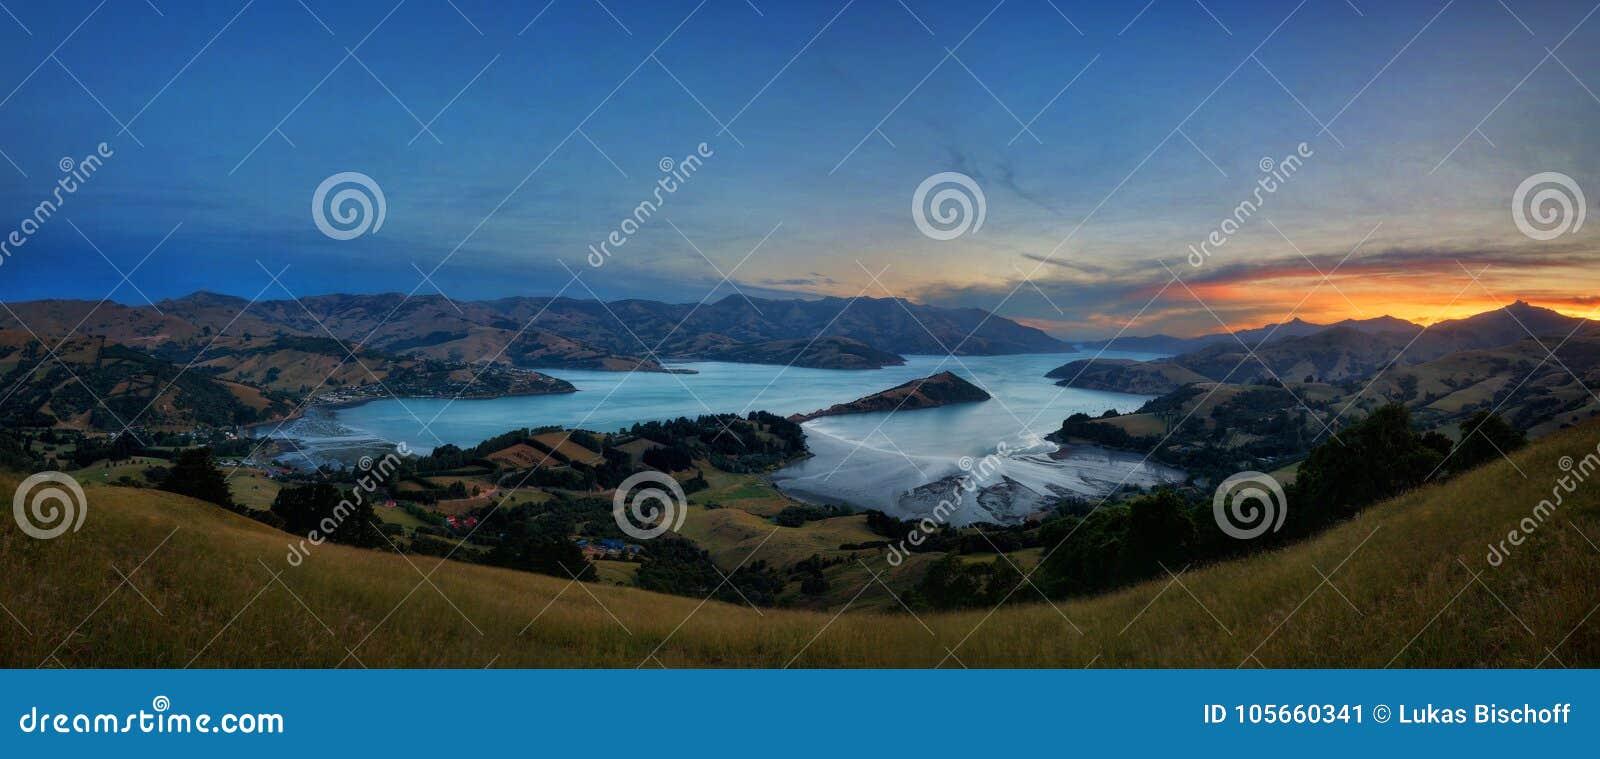 银行半岛克赖斯特切奇新西兰